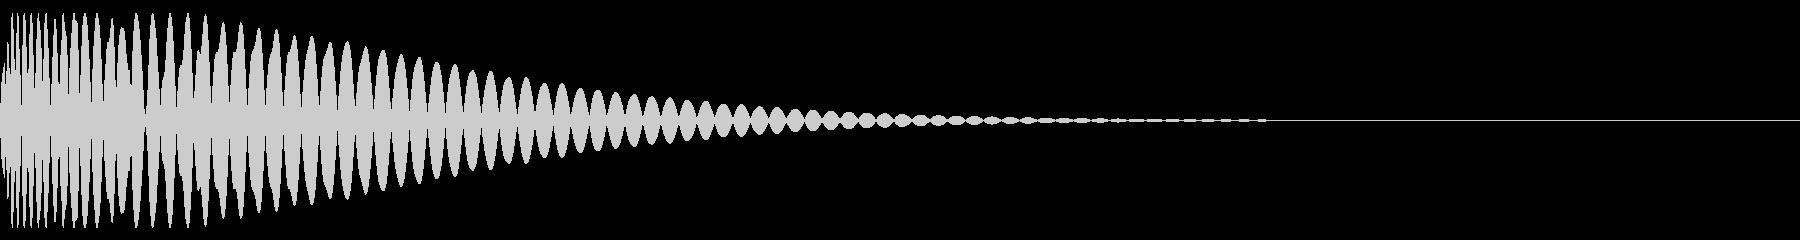 クラッシュドラムキット02-キック02の未再生の波形